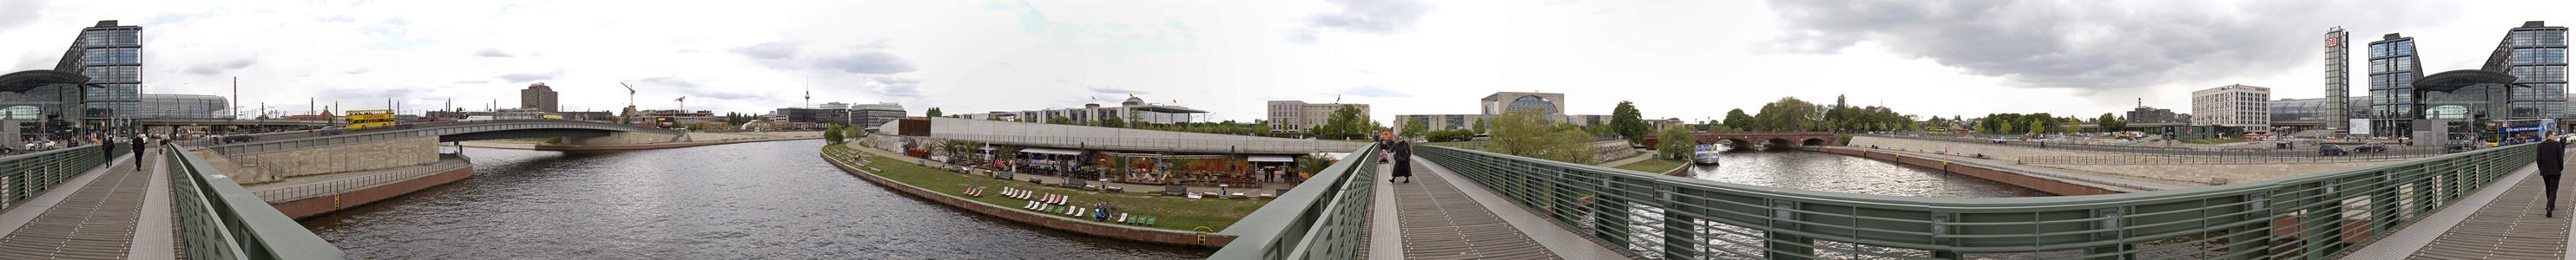 Berlin Rund um den Hauptbahnhof Bundeskanzleramt Reichstagsgebäude